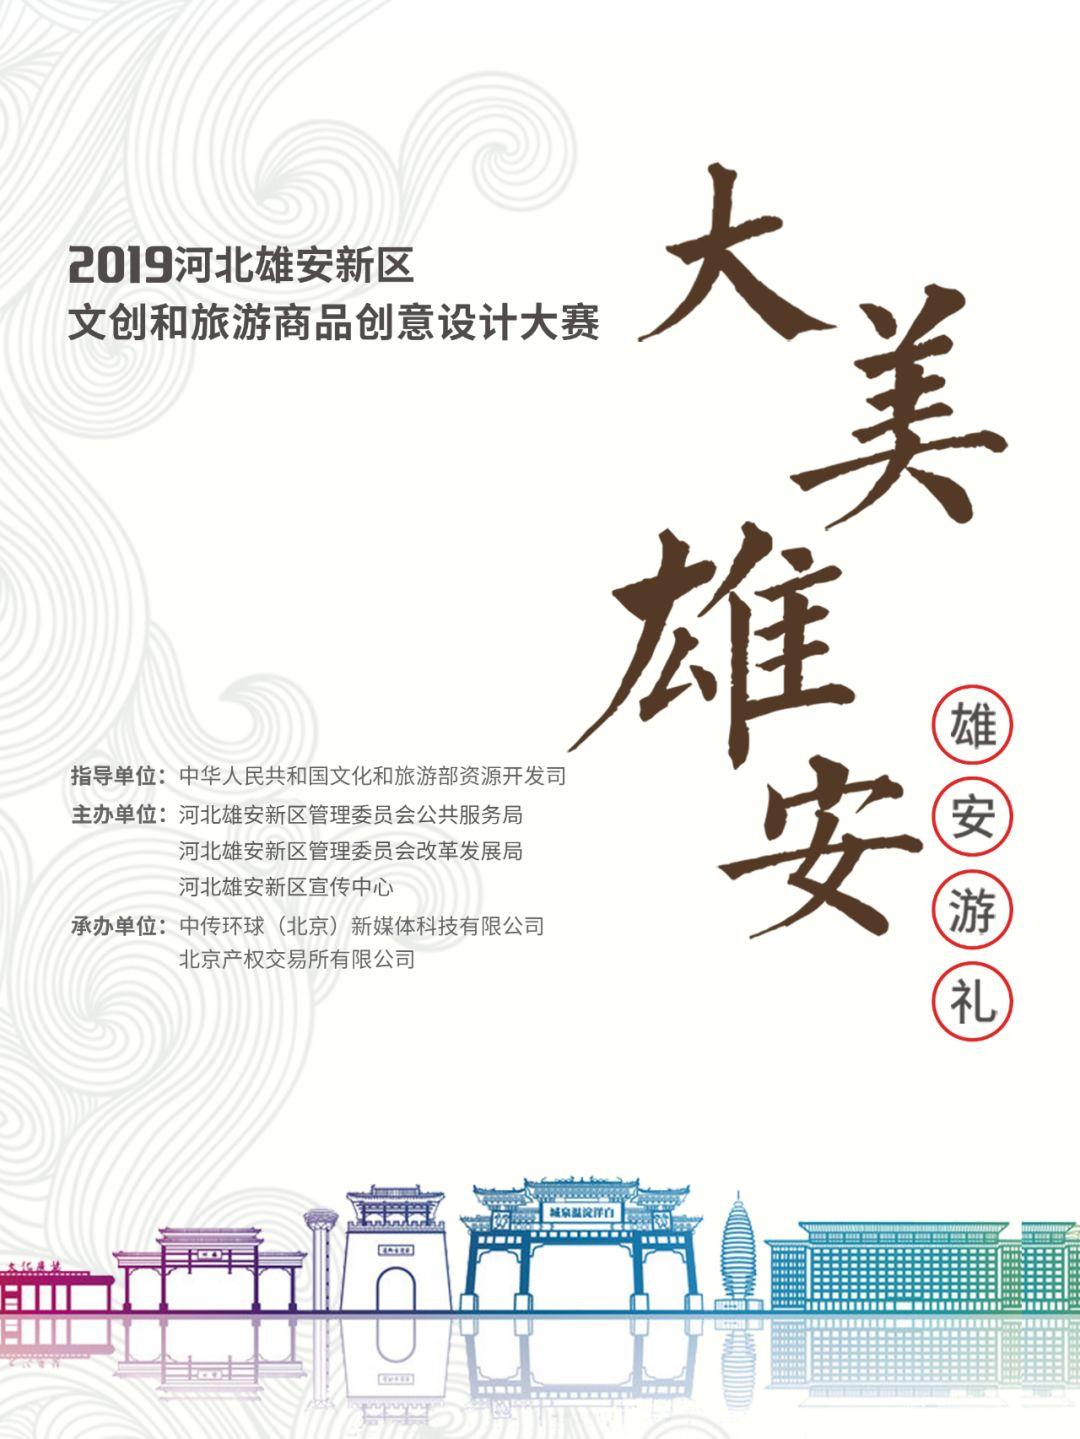 2019雄安文创和旅游商品创意设计大赛正式启动